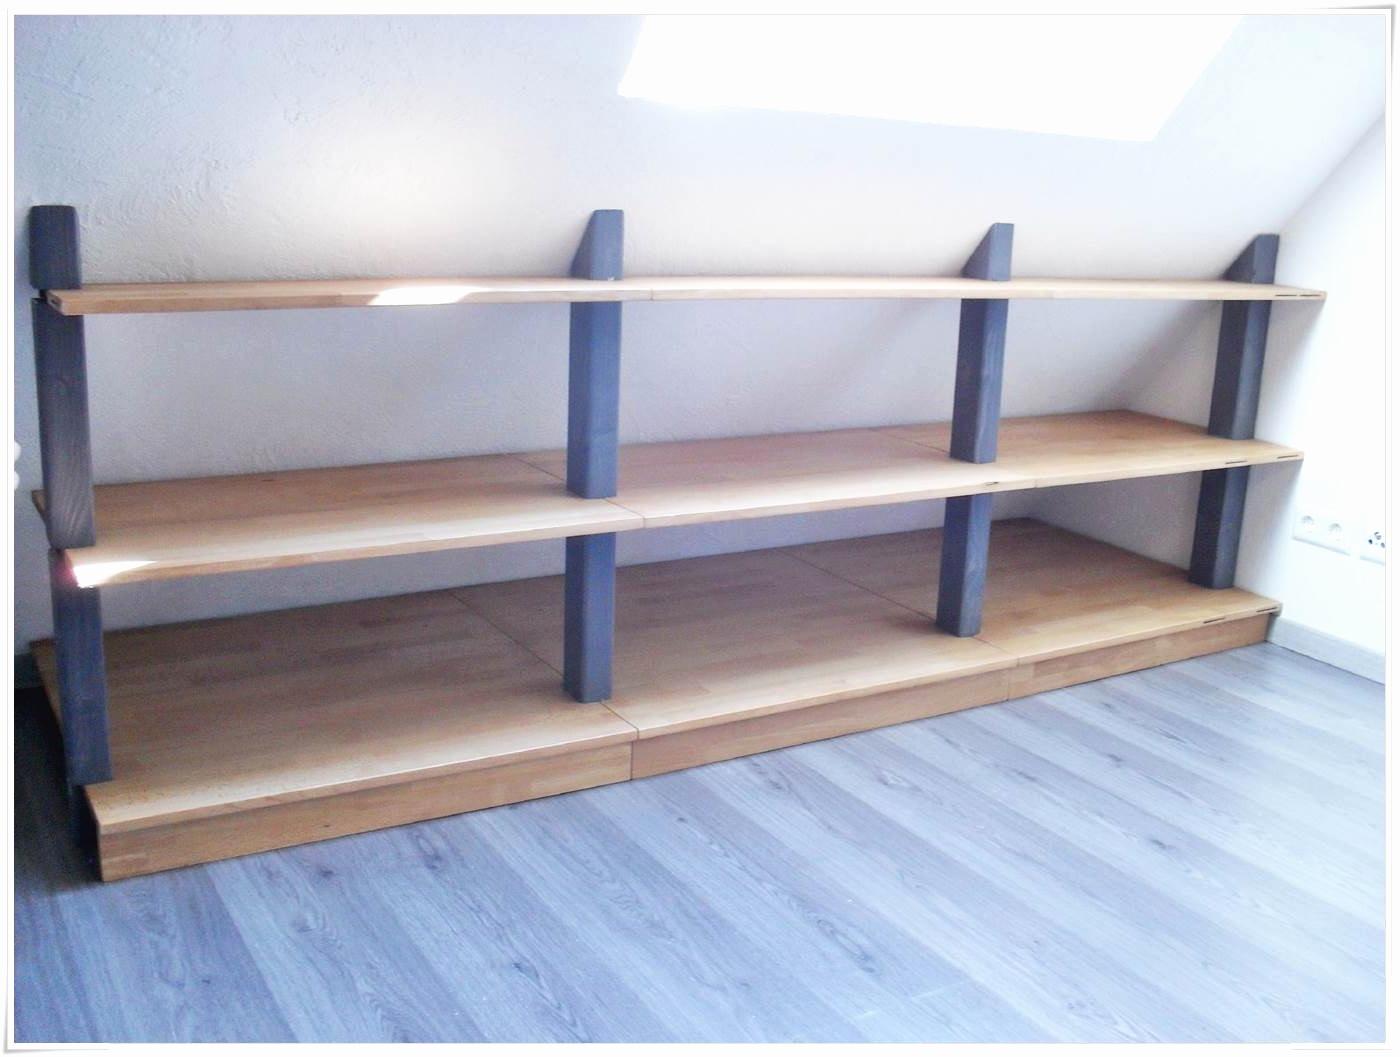 Full Size of Schrank Dachschräge Hinten Ikea Dachschrge Regal Kreativ Oder Primitiv Dachschrgen Tisch Einbauküche Ohne Kühlschrank Kleiderschrank Badezimmer Hochschrank Wohnzimmer Schrank Dachschräge Hinten Ikea